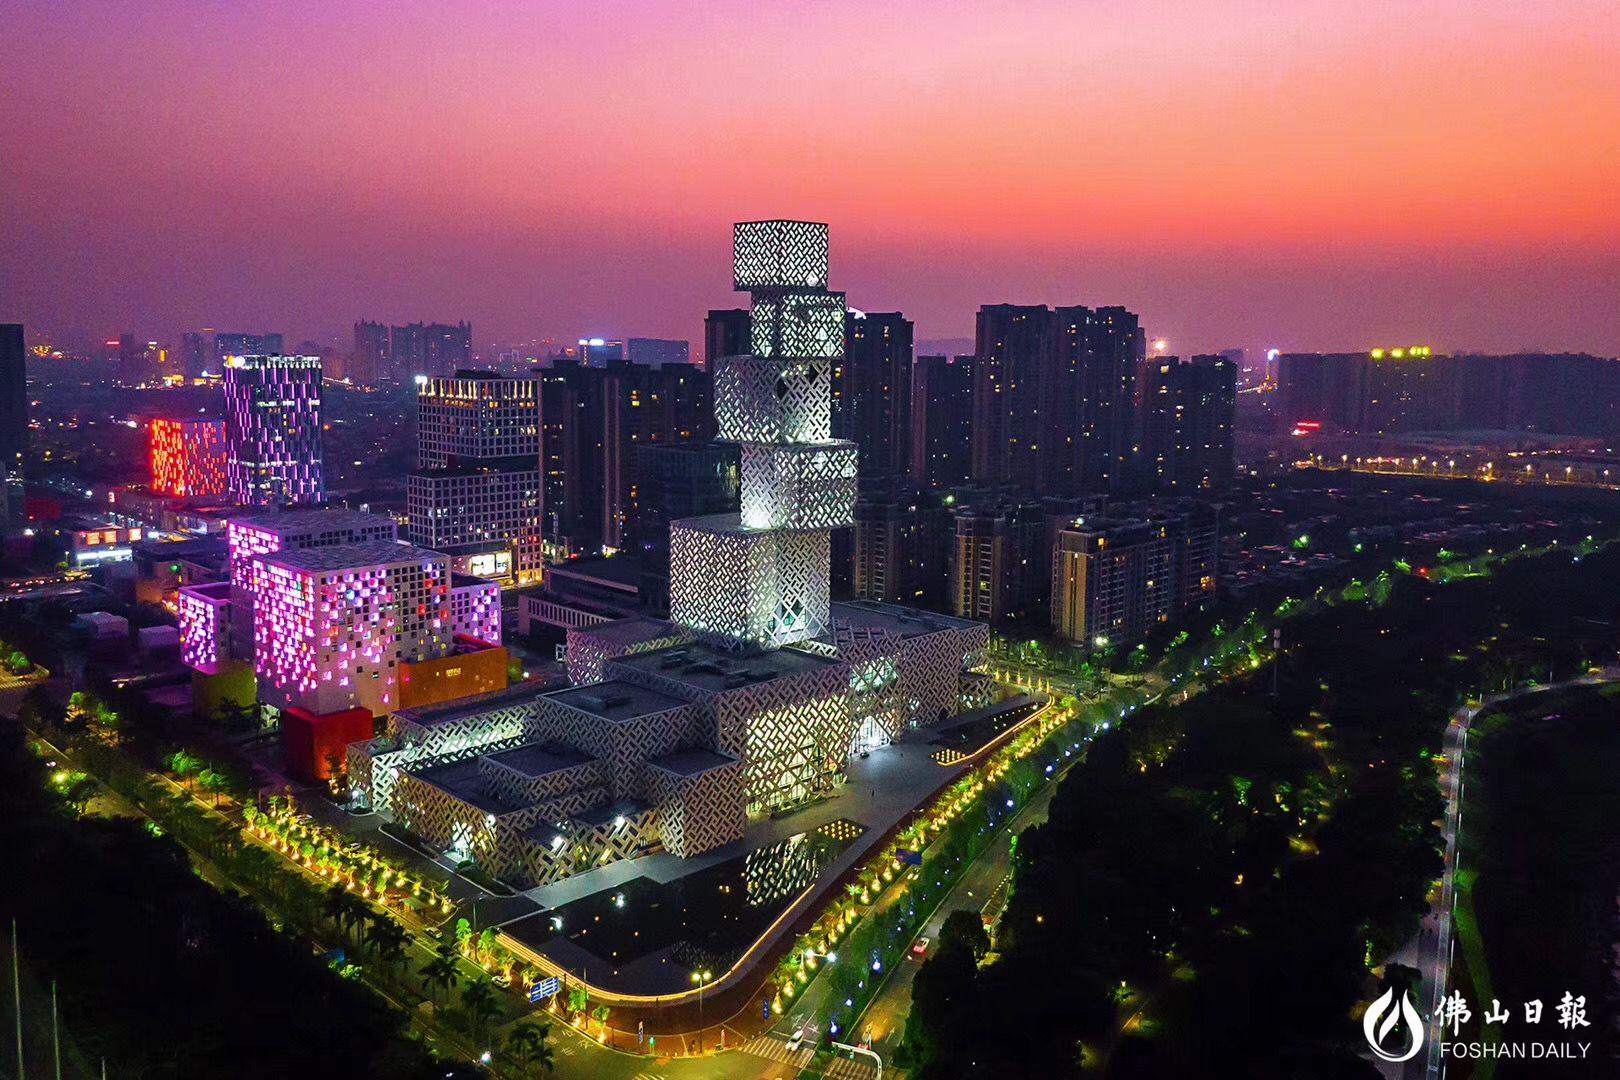 俯瞰美高梅娱乐官网新城 每一栋建筑都散发着独特的魅力